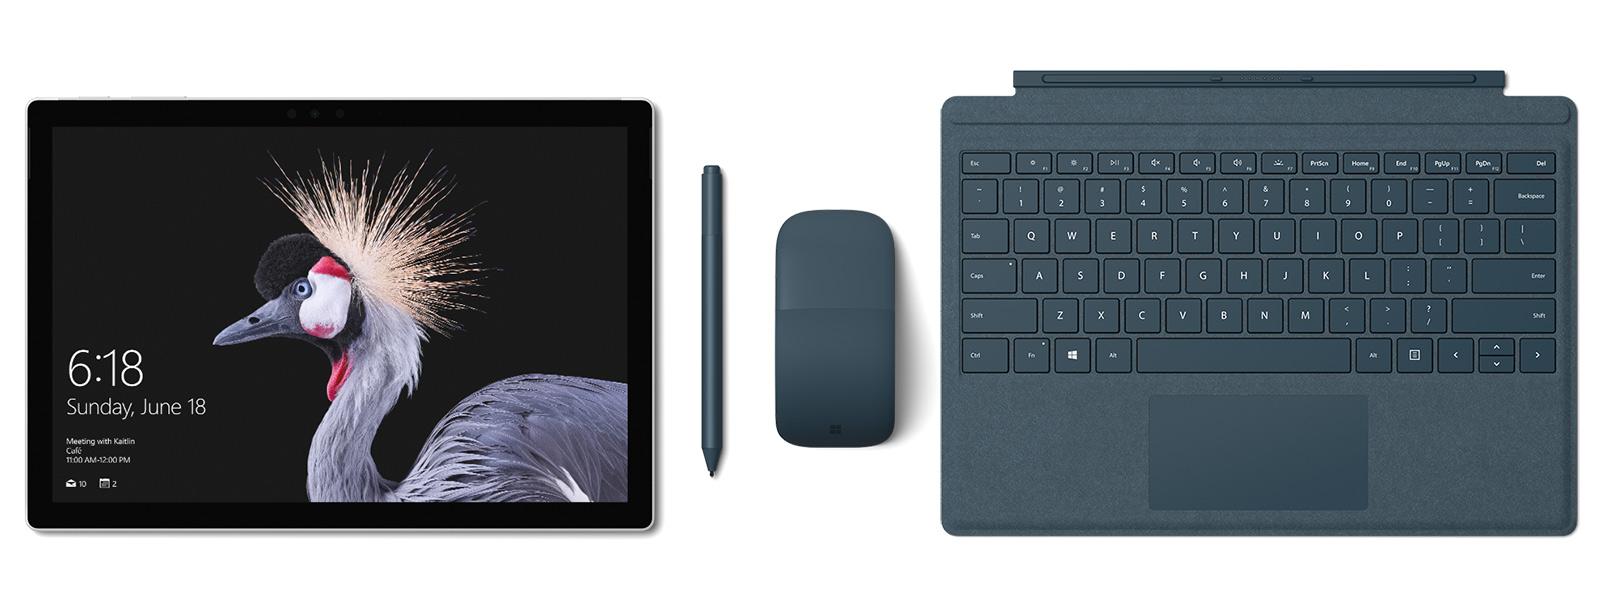 Imagen de un Surface Pro con la funda con teclado Signature Edition, el Lápiz para Surface y Surface Arc Mouse en color azul cobalto. El Lápiz para Surface te acompaña.